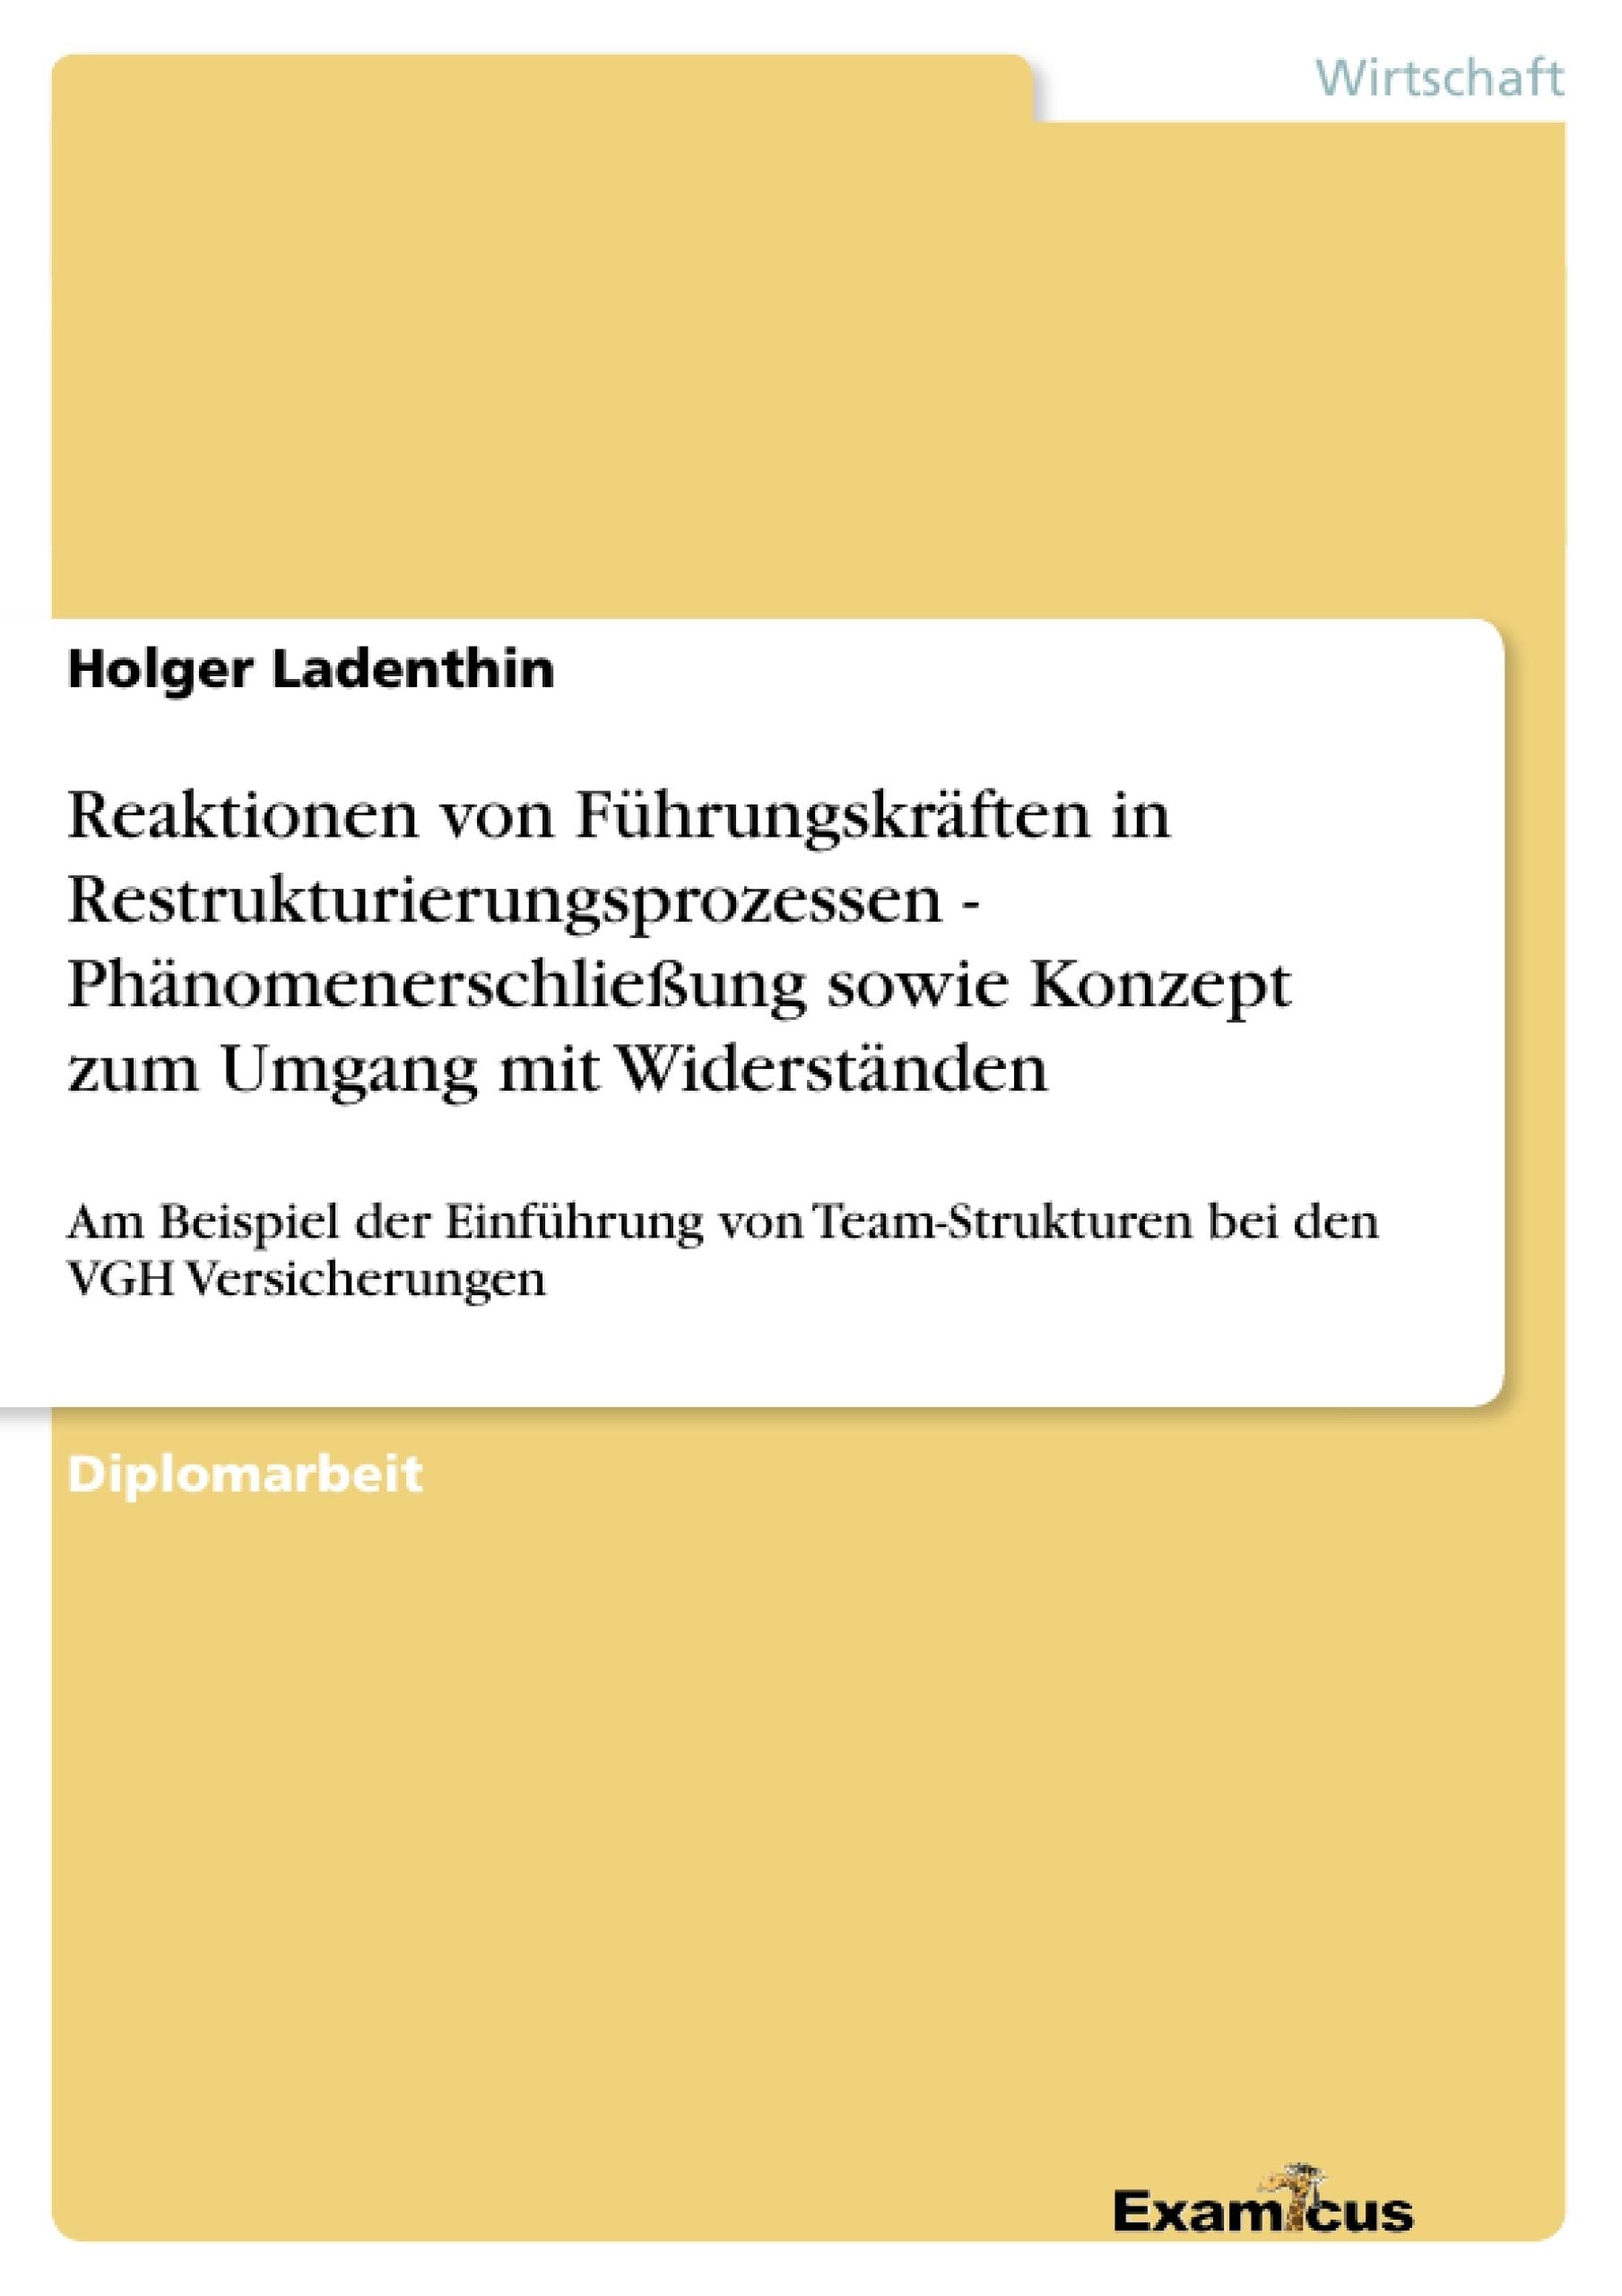 Titel: Reaktionen von Führungskräften in Restrukturierungsprozessen - Phänomenerschließung sowie Konzept zum Umgang mit Widerständen